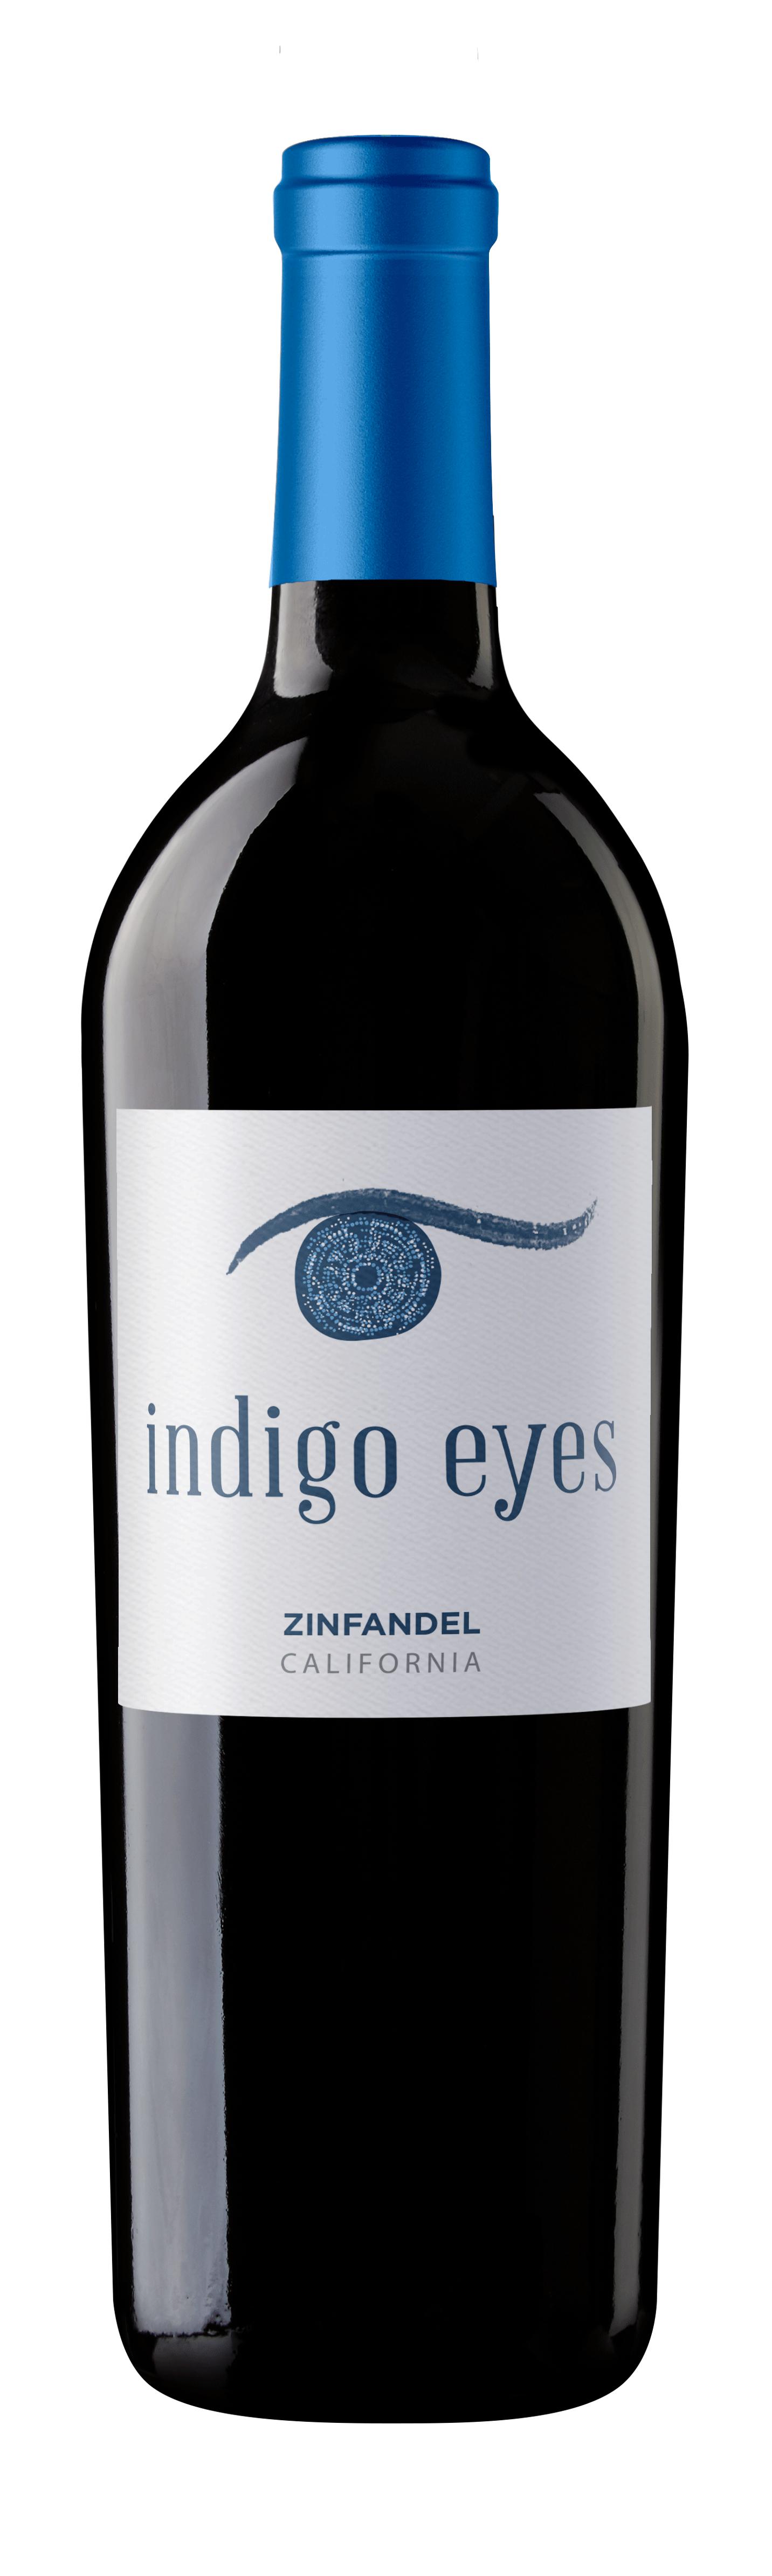 Indigo Eyes Zinfandel